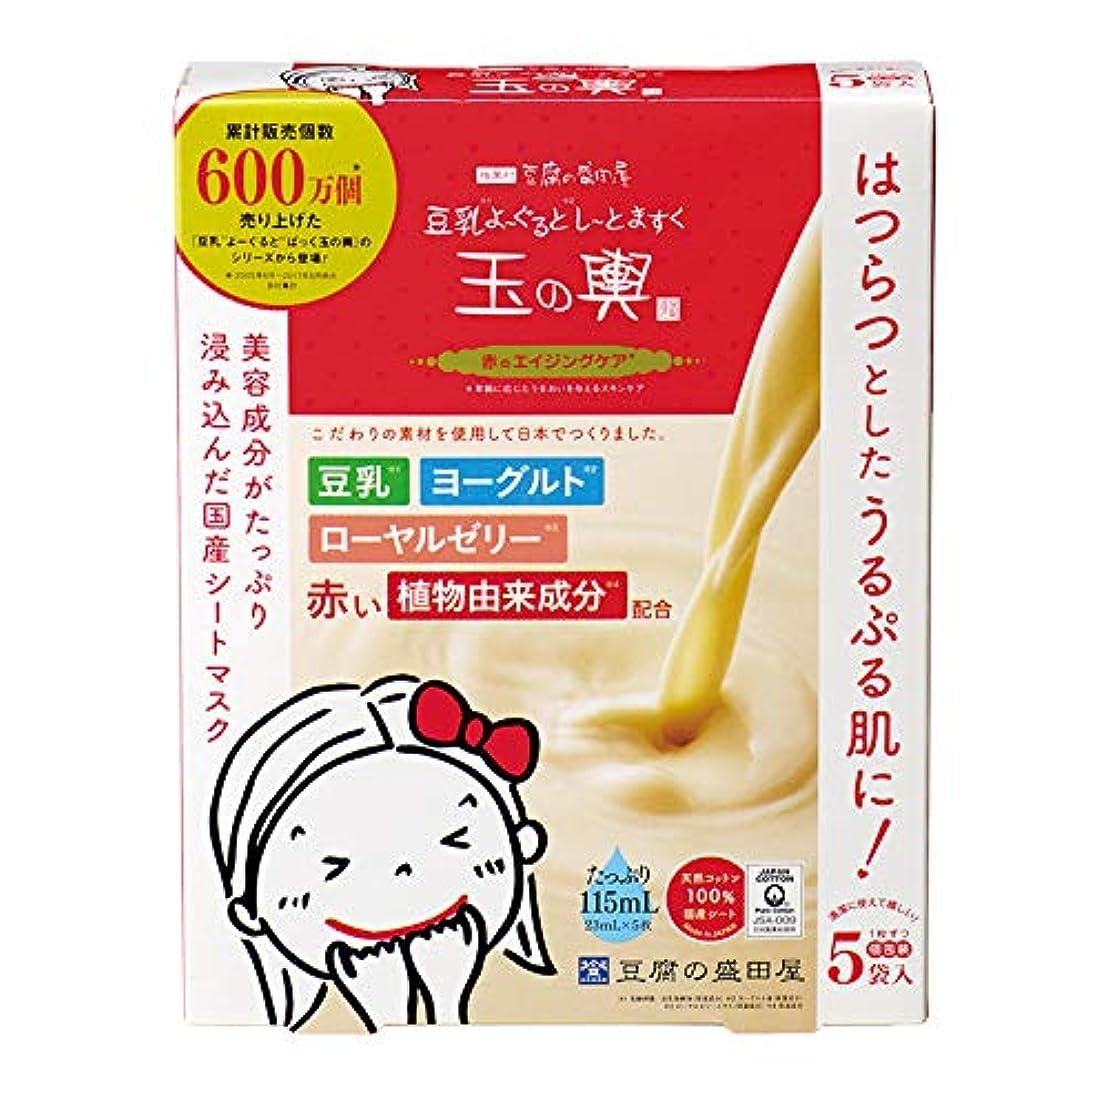 アソシエイトあたたかい話豆腐の盛田屋 豆乳よーぐるとしーとますく 玉の輿〈赤のエイジングケア〉23mL×5枚